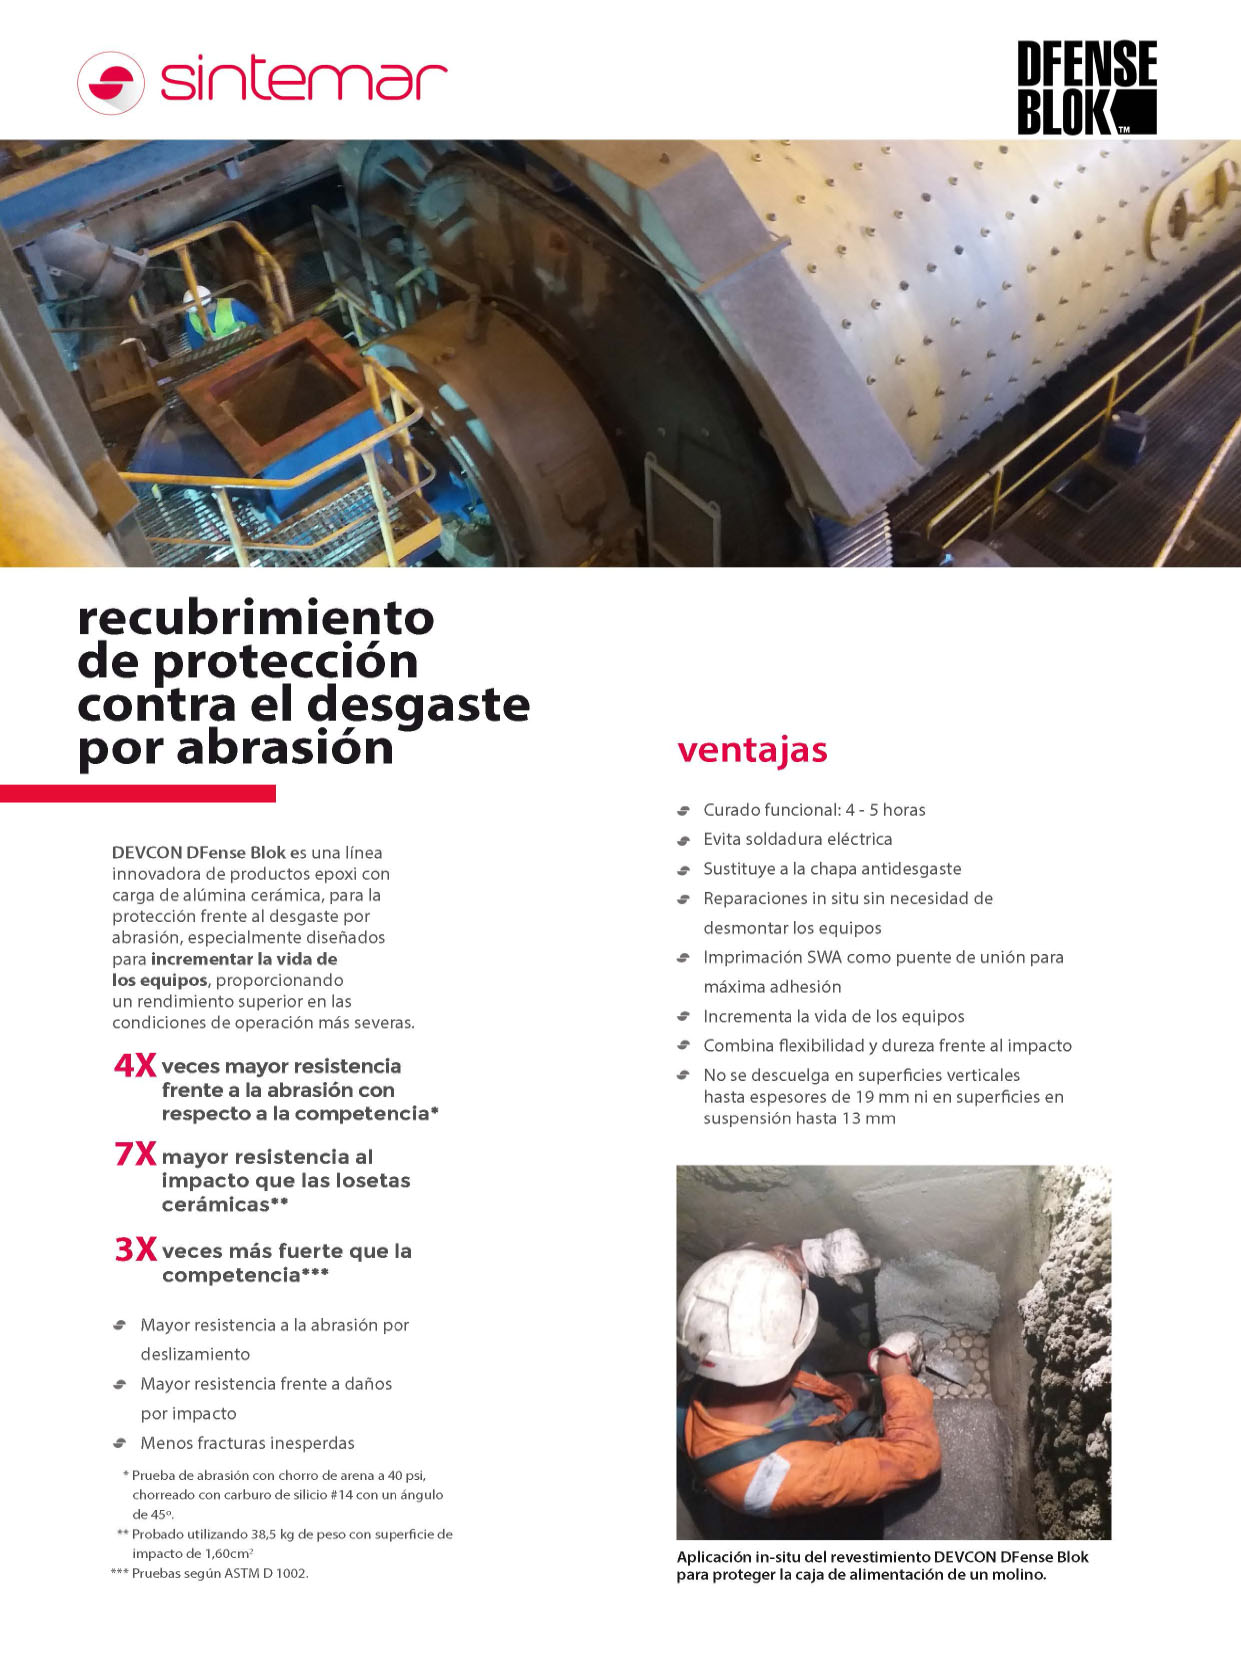 SINTEMAR - Recubrimiento de protección contra el desgaste por abrasión DFENSE BLOK